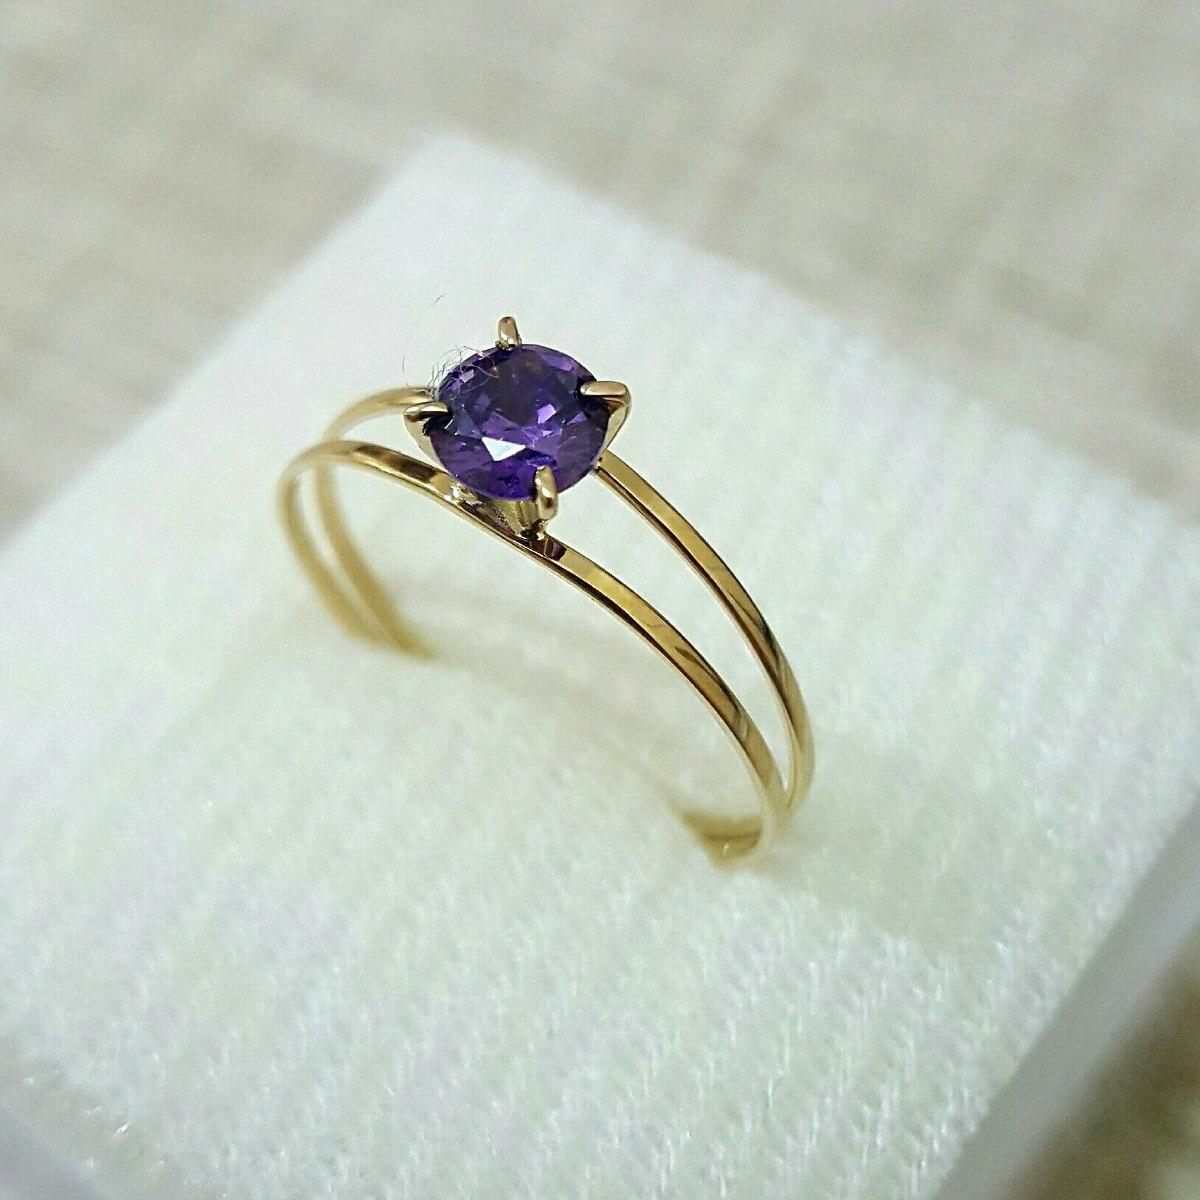 27a7e9e2519aa anel ouro 18k maciço solitário pedra natural ametista. Carregando zoom.